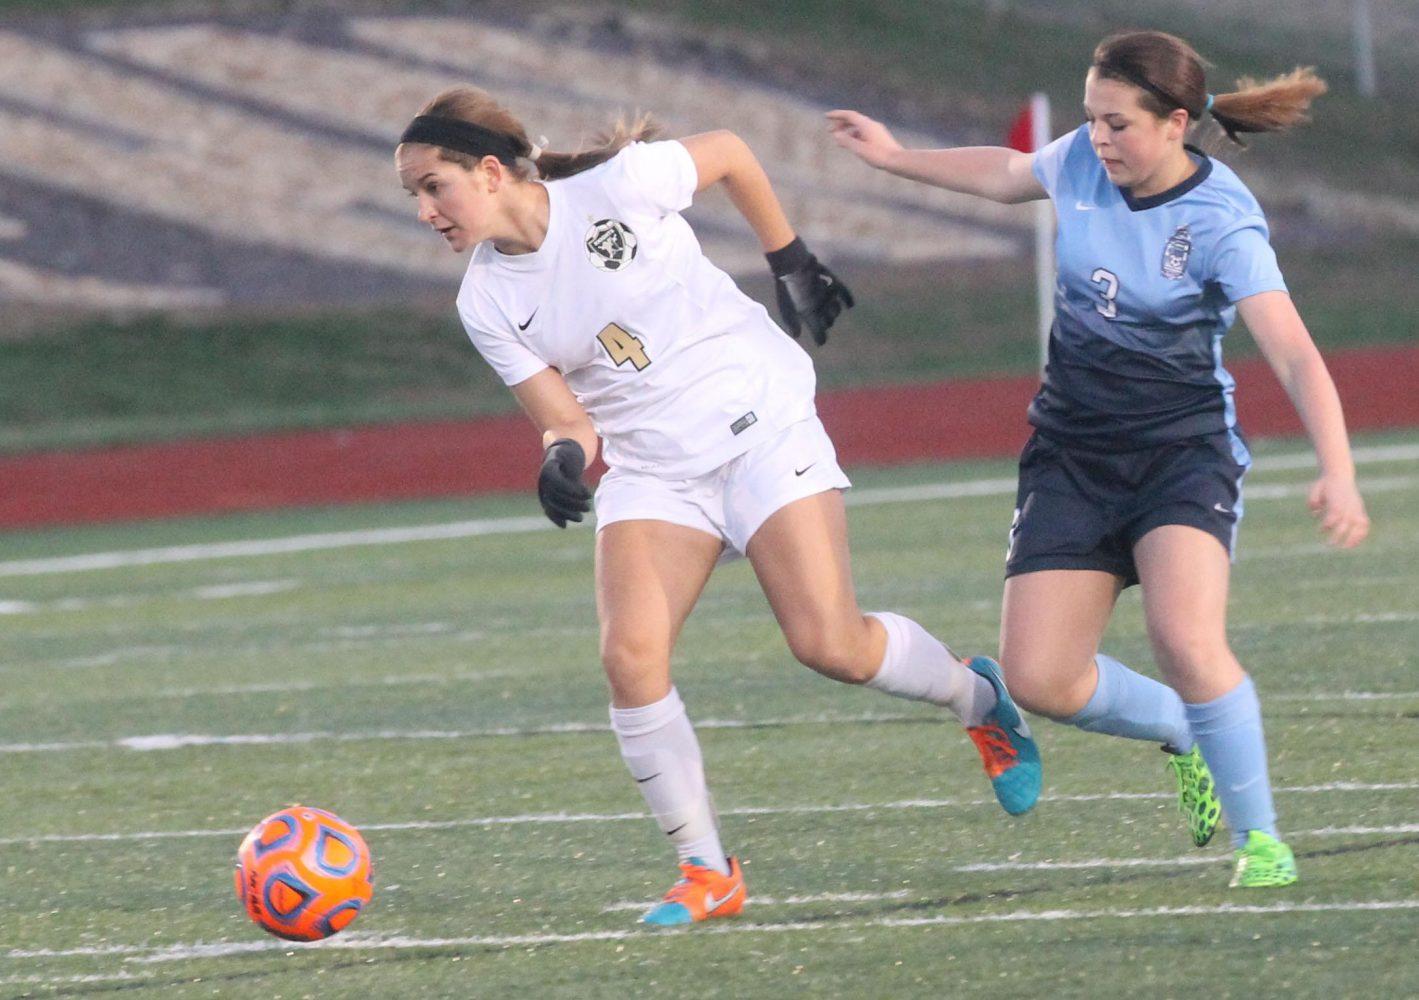 Sophomore Amanda Orlando runs with the ball towards the goal.